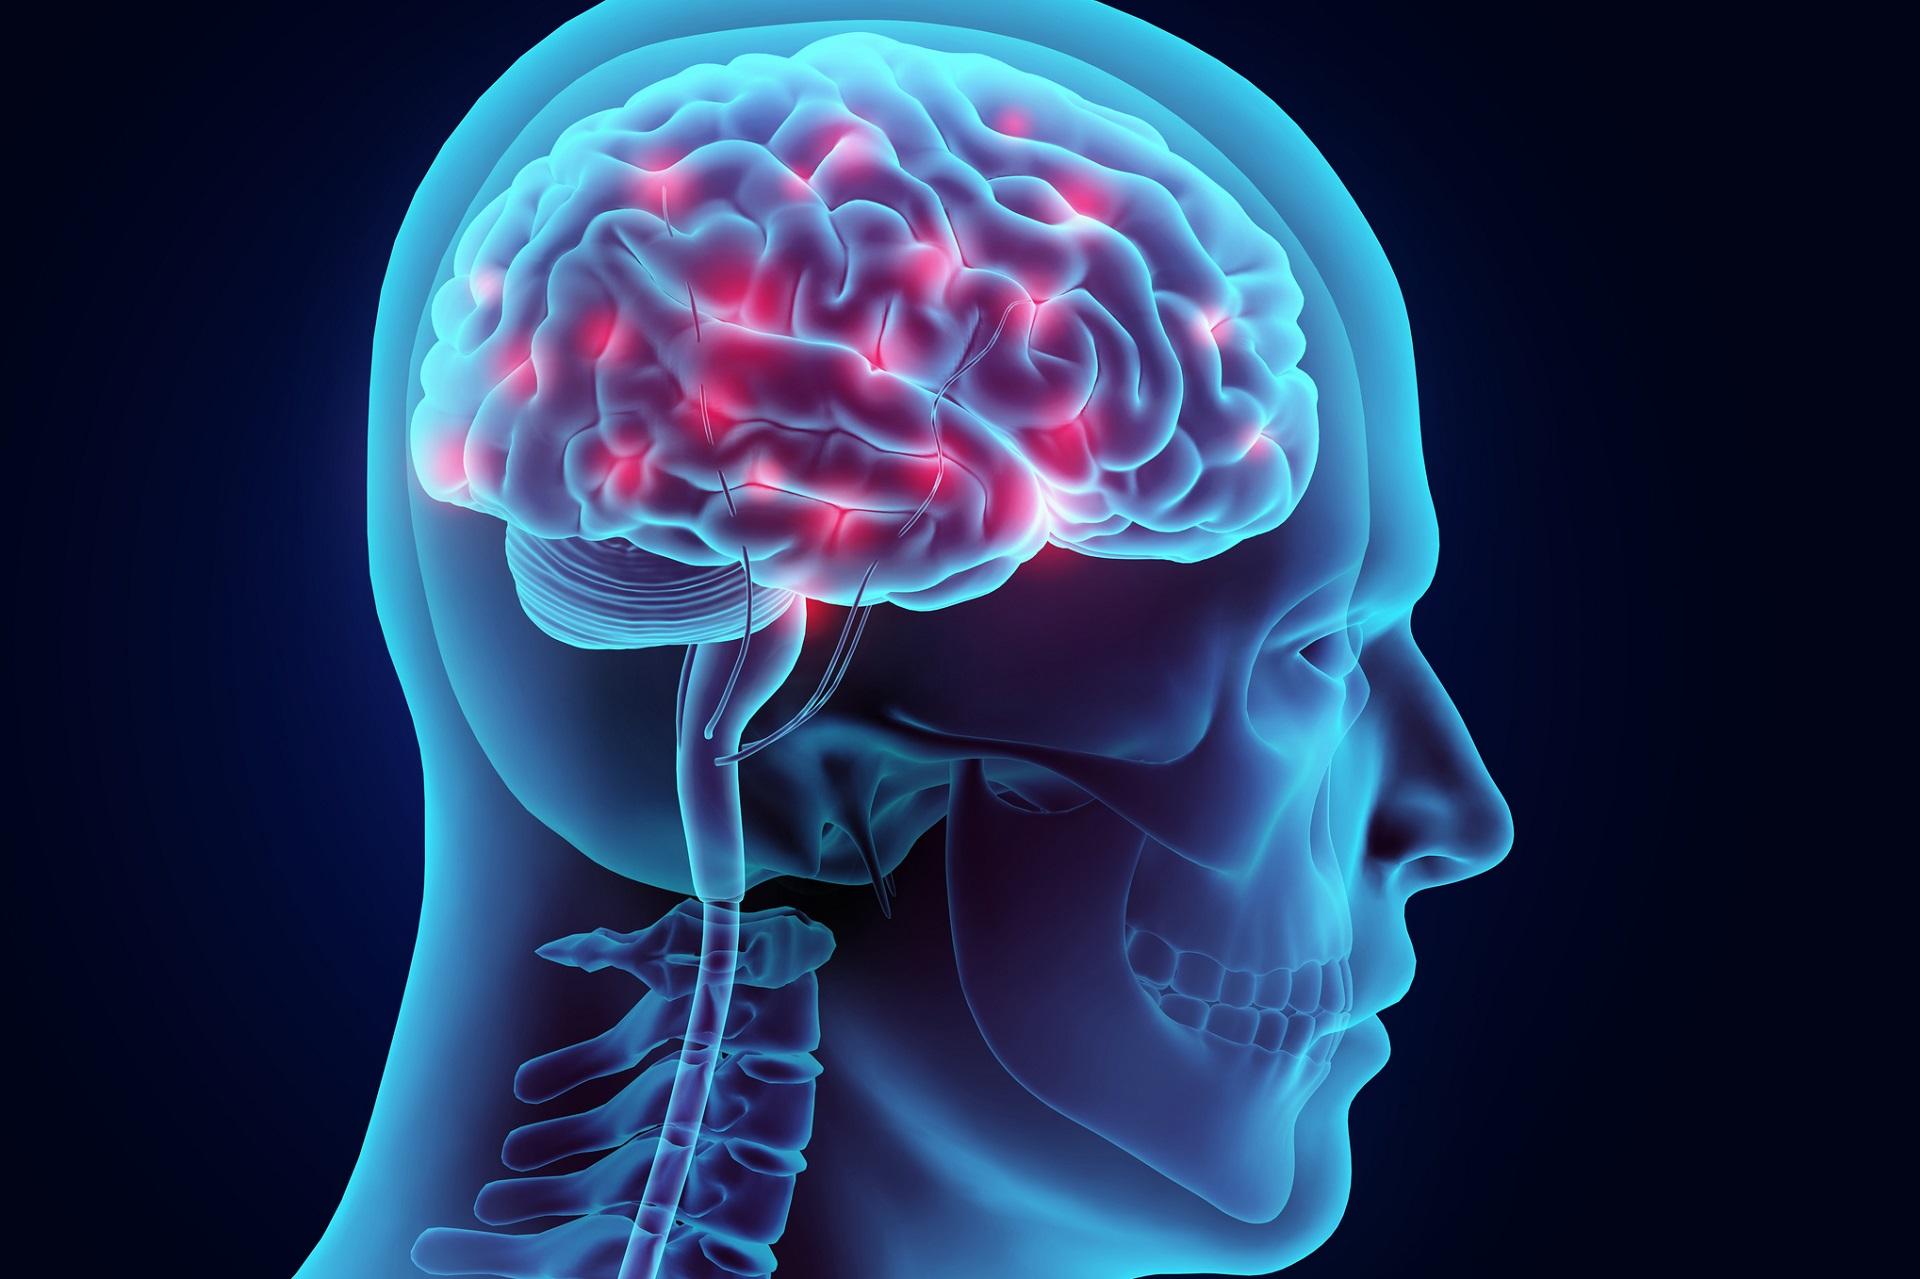 3D illustration brain nervous system active, medical concept.